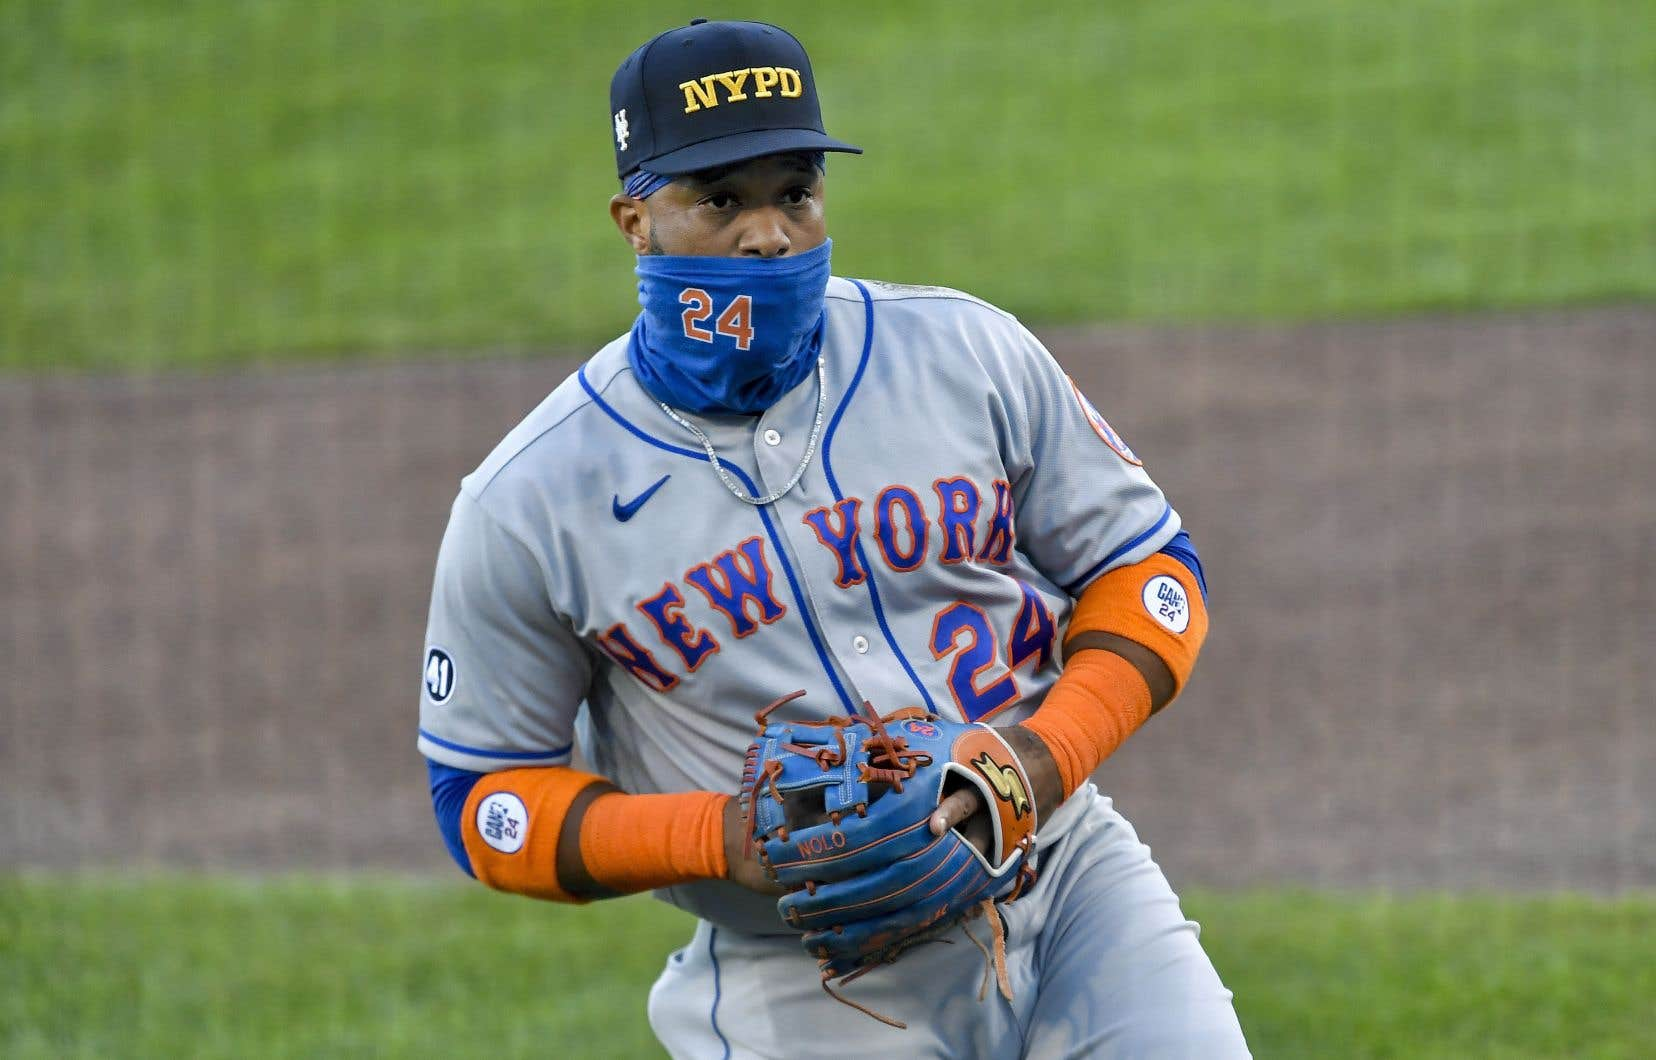 Âgé de 38 ans, Cano ratera la totalité de la saison 2021 et perdra 24 millions$ US en salaire. Si les Mets se qualifient pour les séries éliminatoires, Cano ne sera pas admissible.